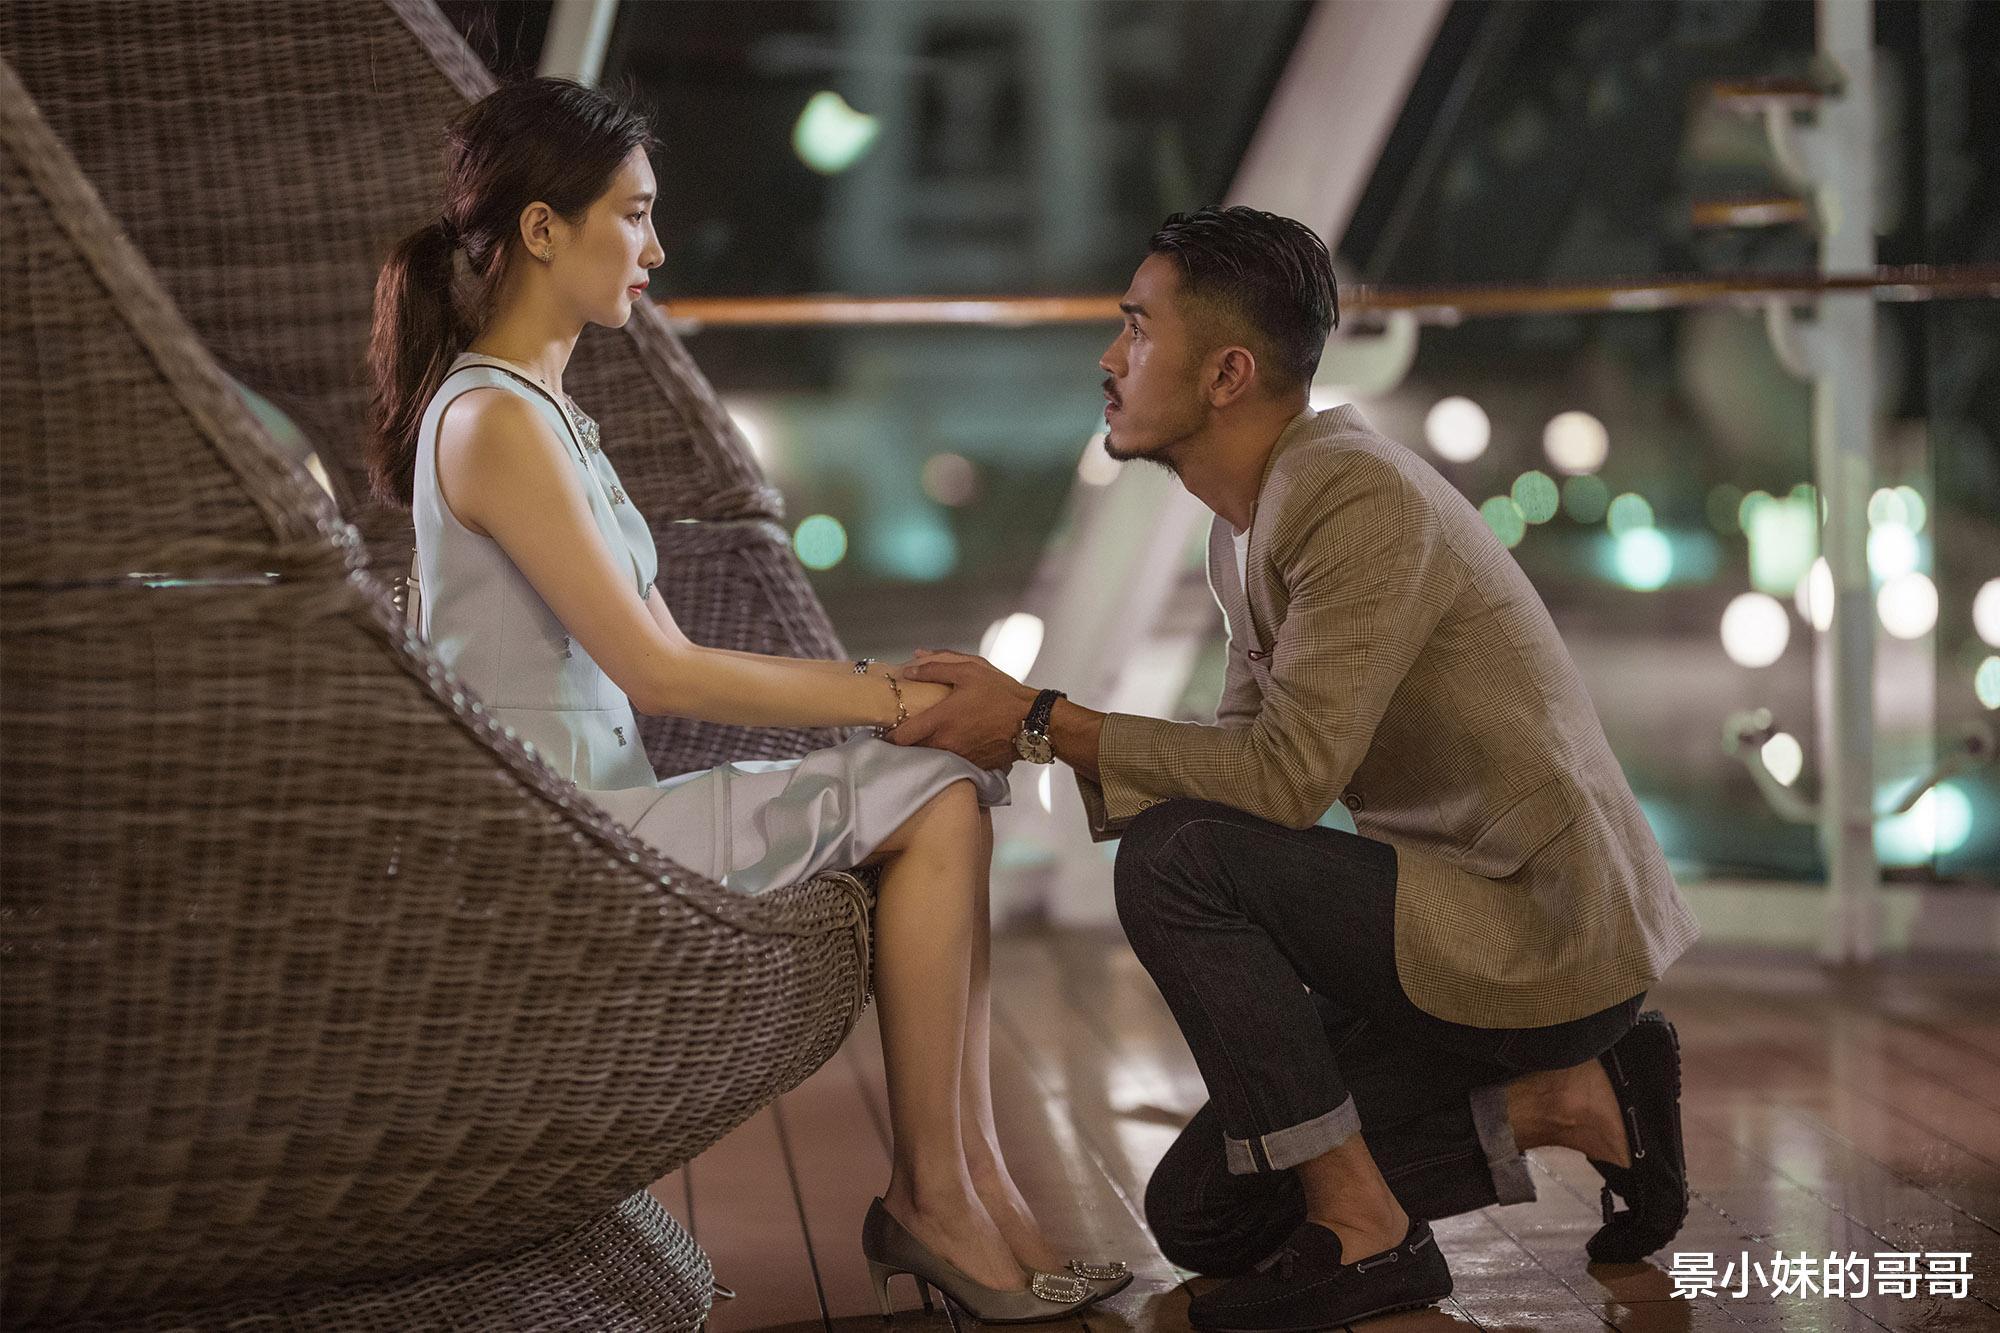 《三十而已》结局堪称完美:王漫妮闪婚,钟晓芹复婚,顾佳单身